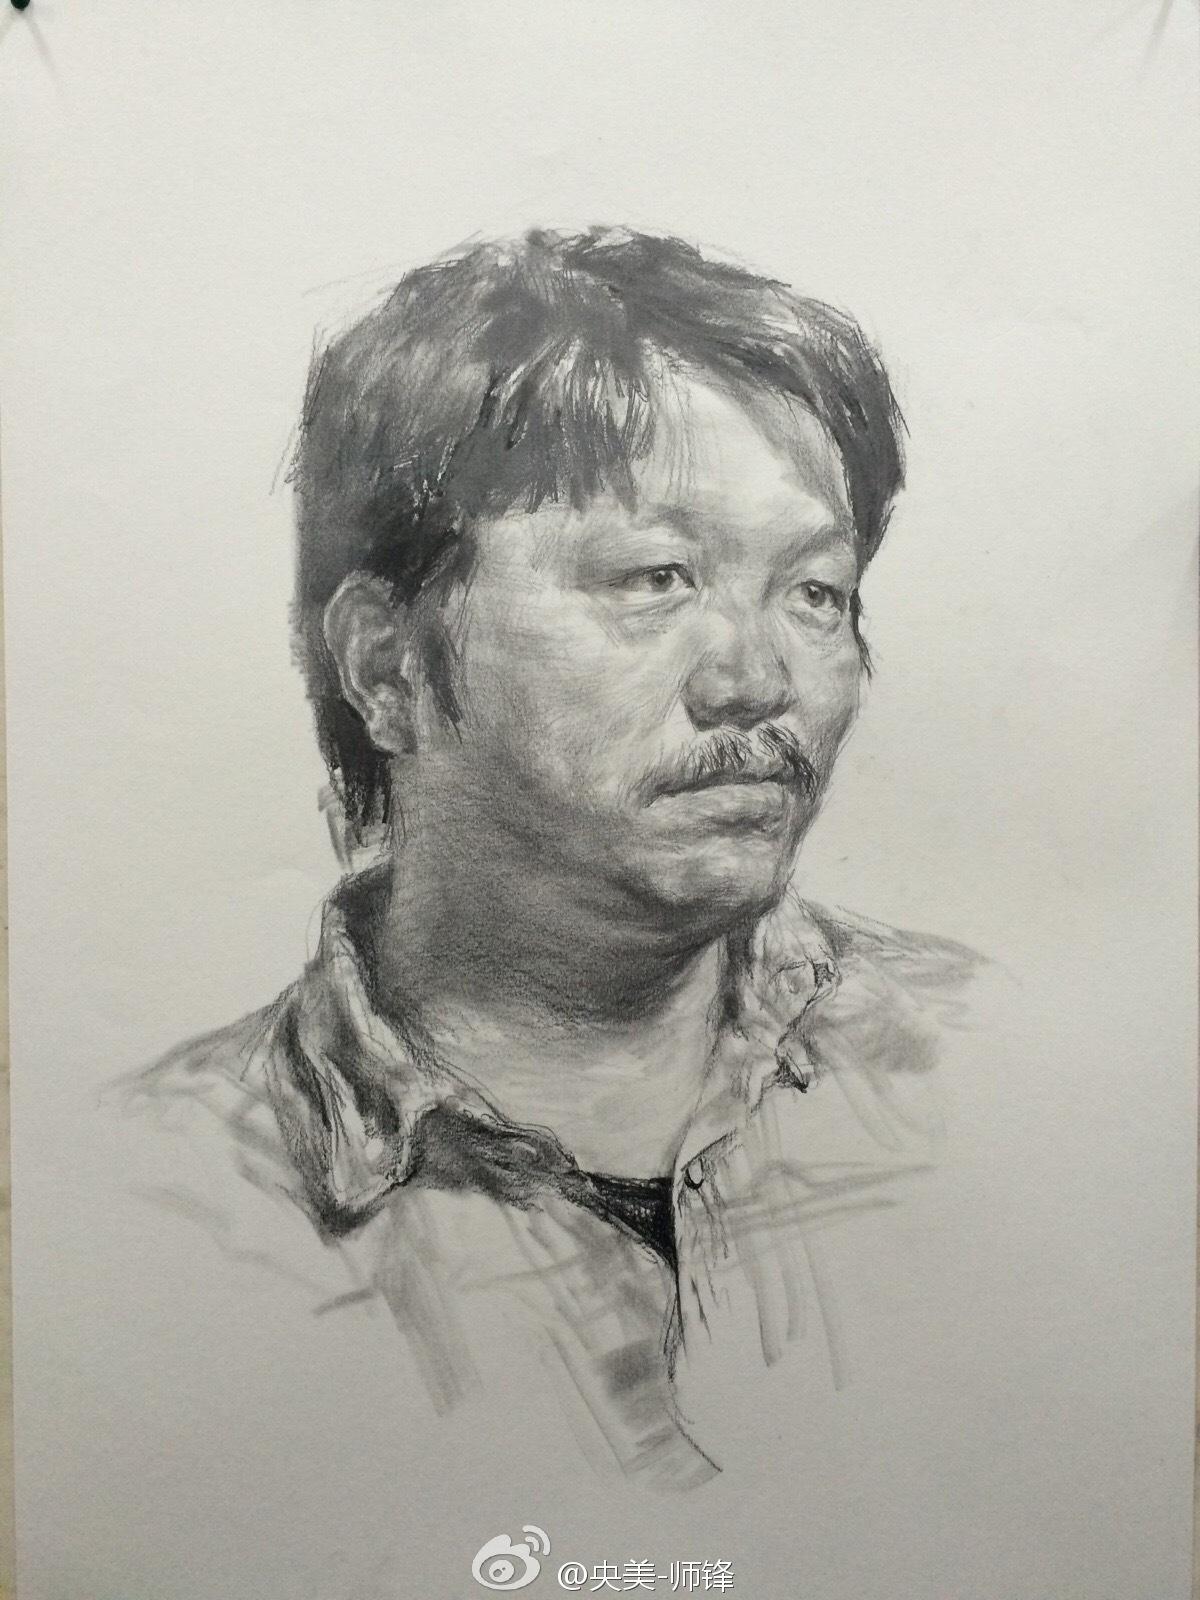 央美师锋中年男子素描头像作画步骤(4)